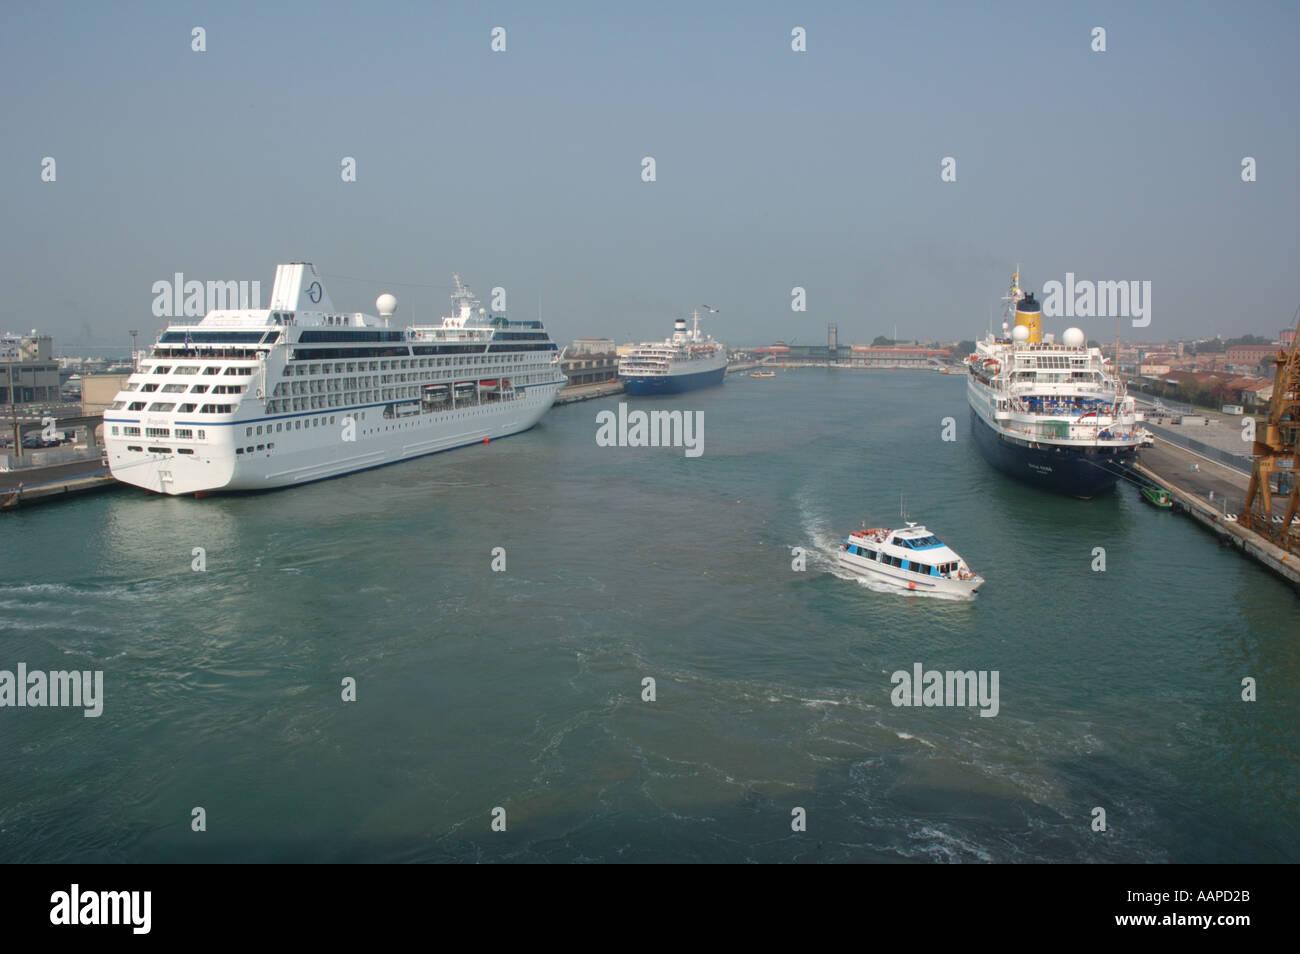 Cruise ships Regatta, Marco Polo and Saga Rose in Venice, Italy - Stock Image